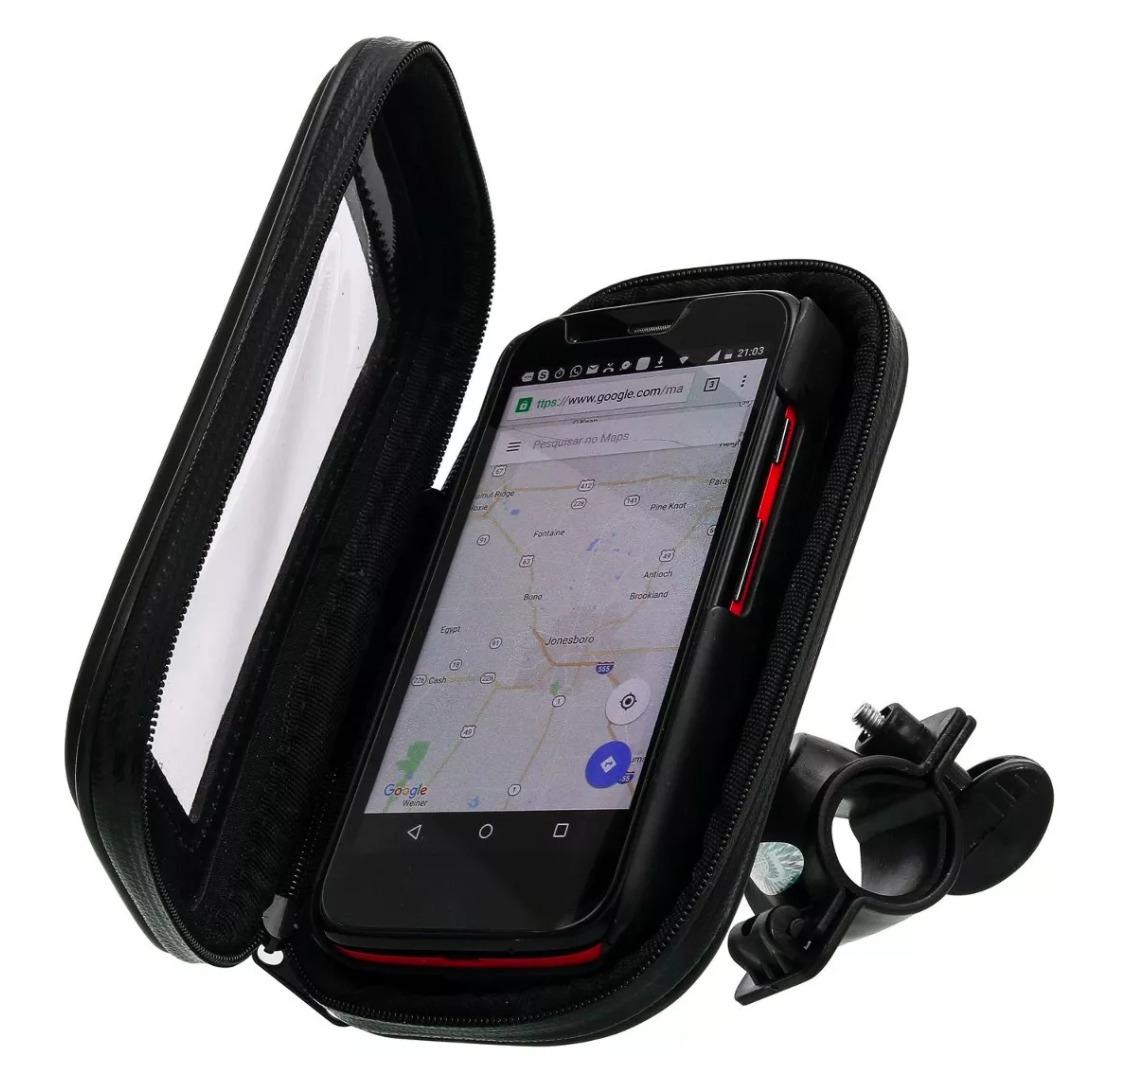 suporte capa celular prova d 39 gua suporte gps moto bike r 16 90 em mercado livre. Black Bedroom Furniture Sets. Home Design Ideas